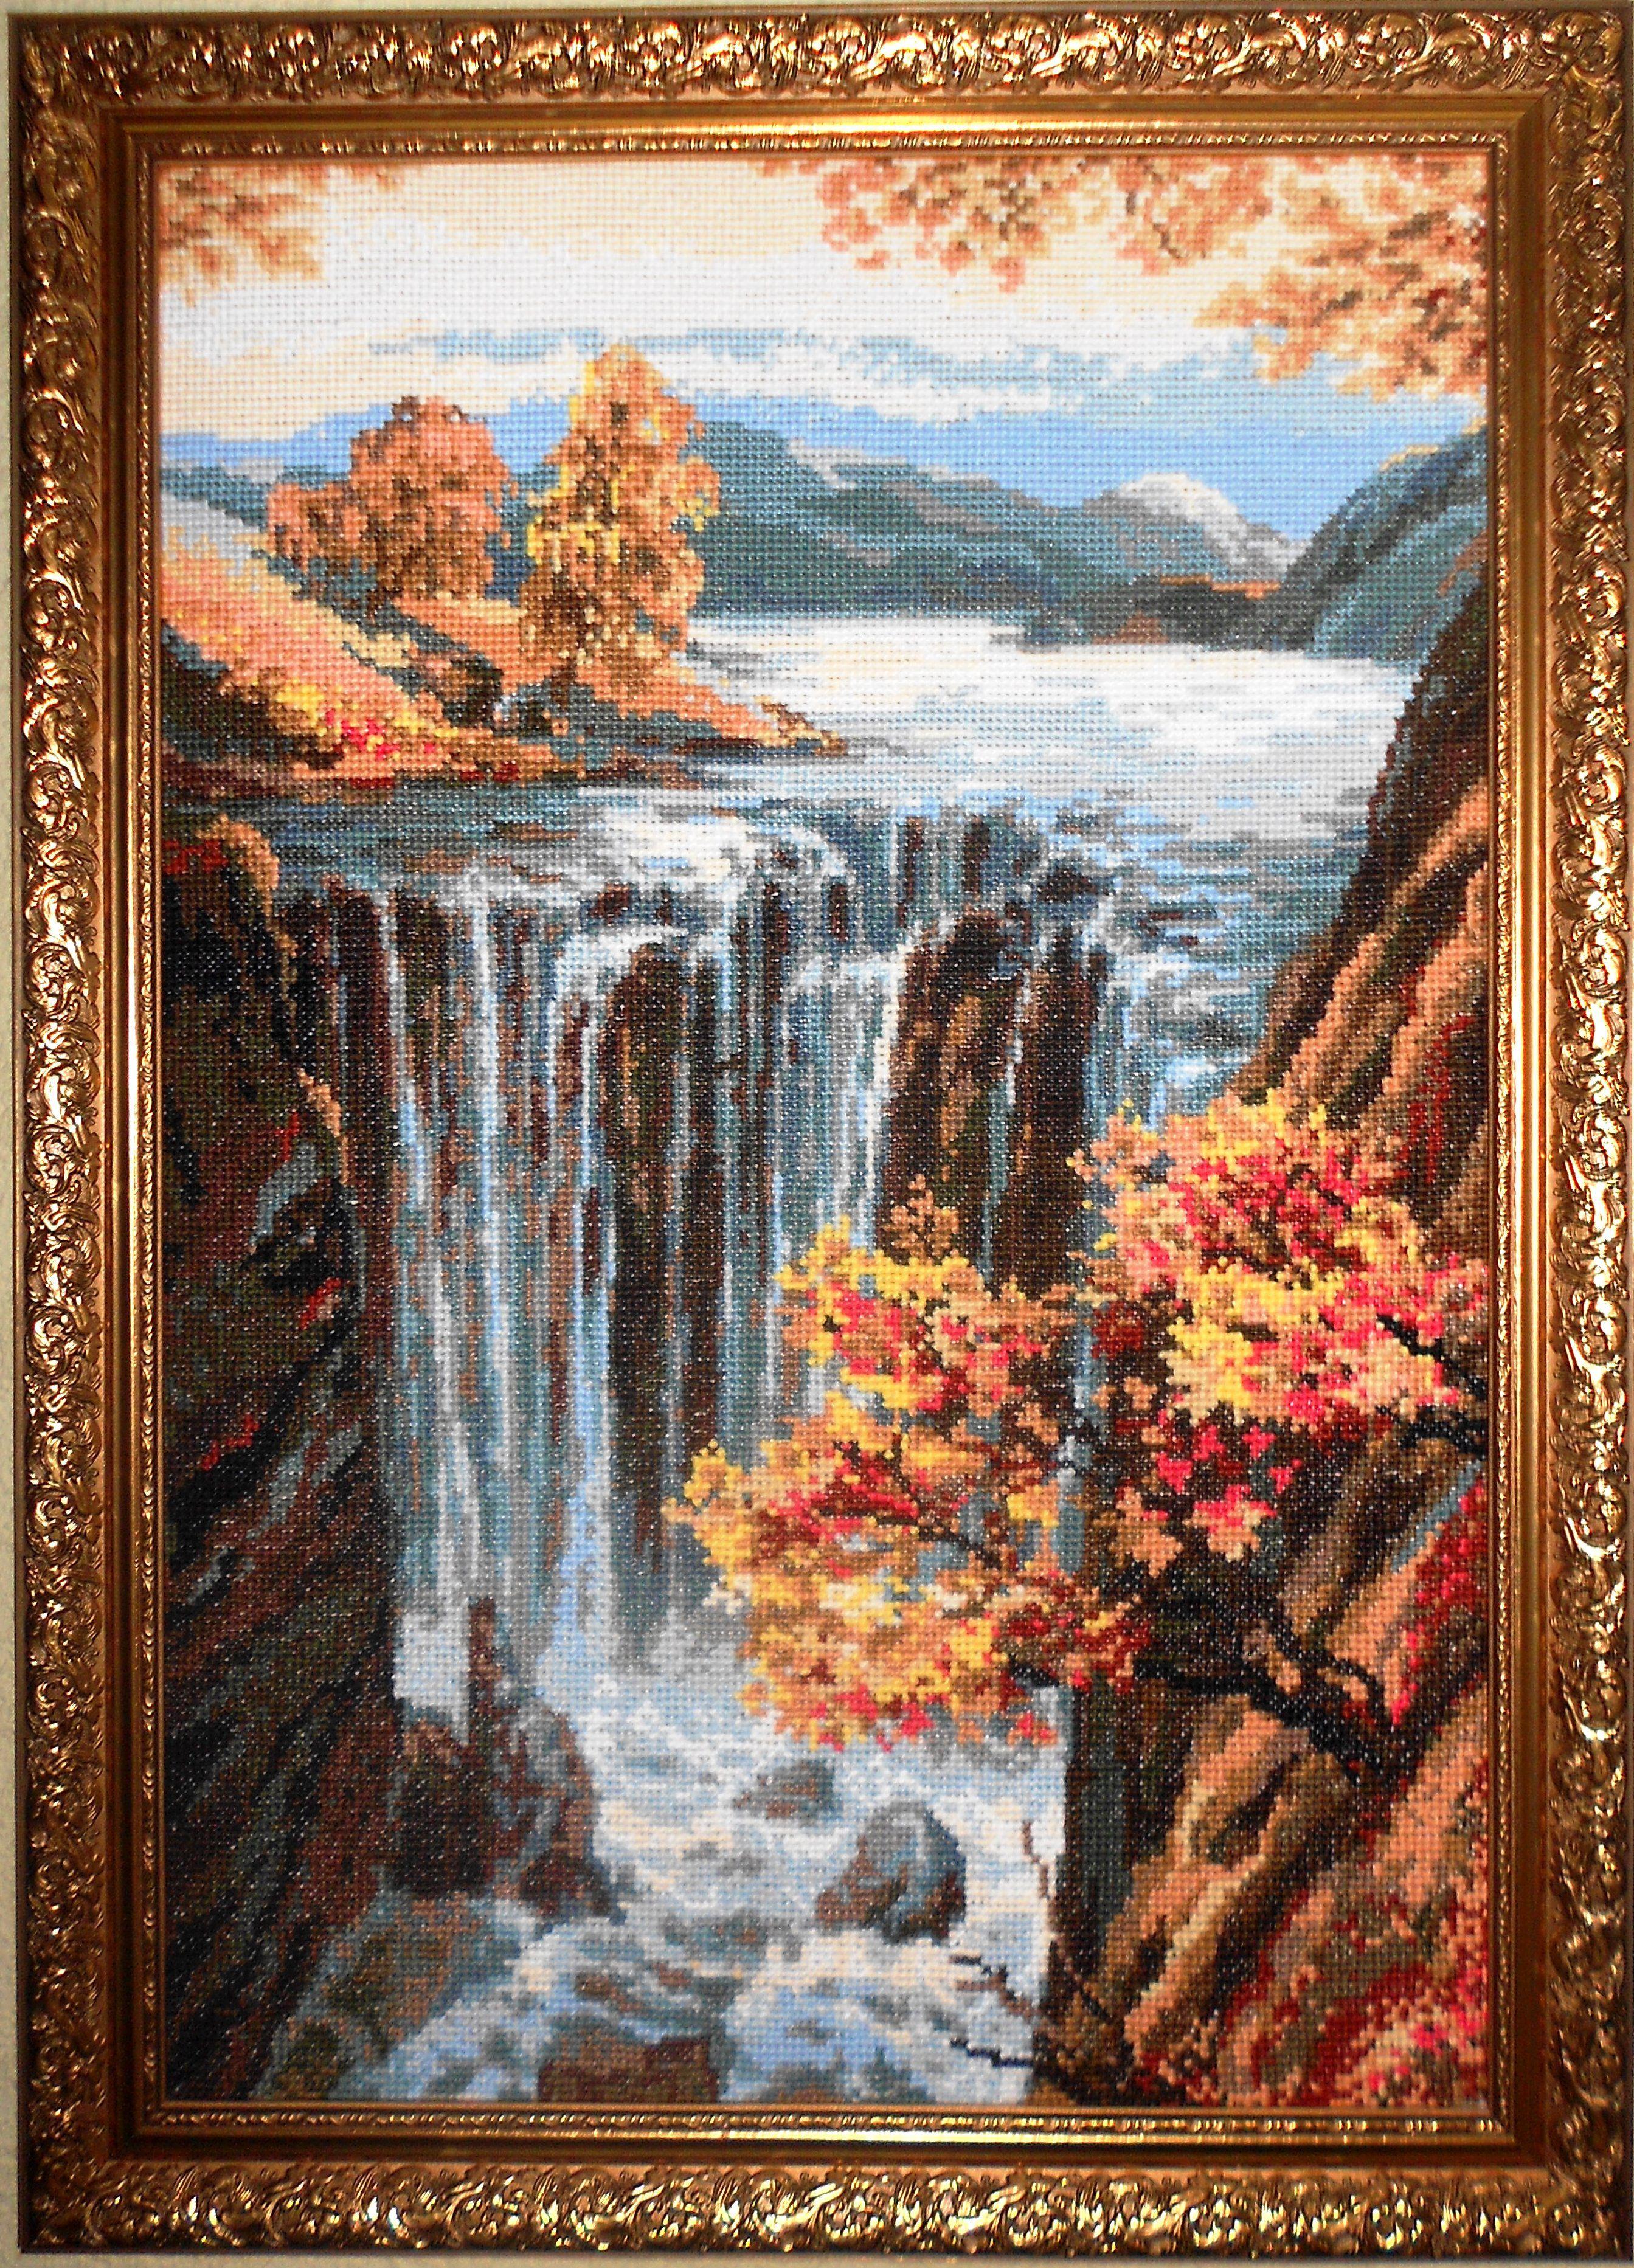 Картины с водопадом для вышивки